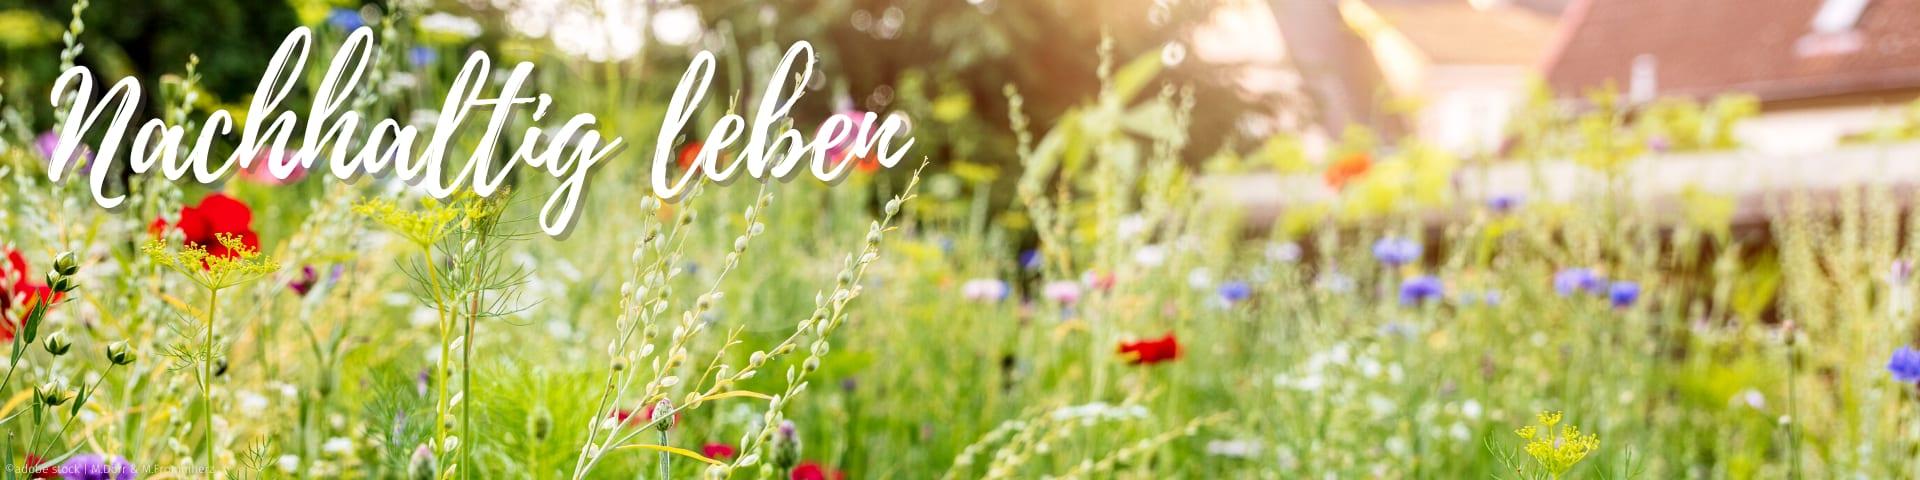 Rubrik Nachhaltig leben, Wildblumenwiese